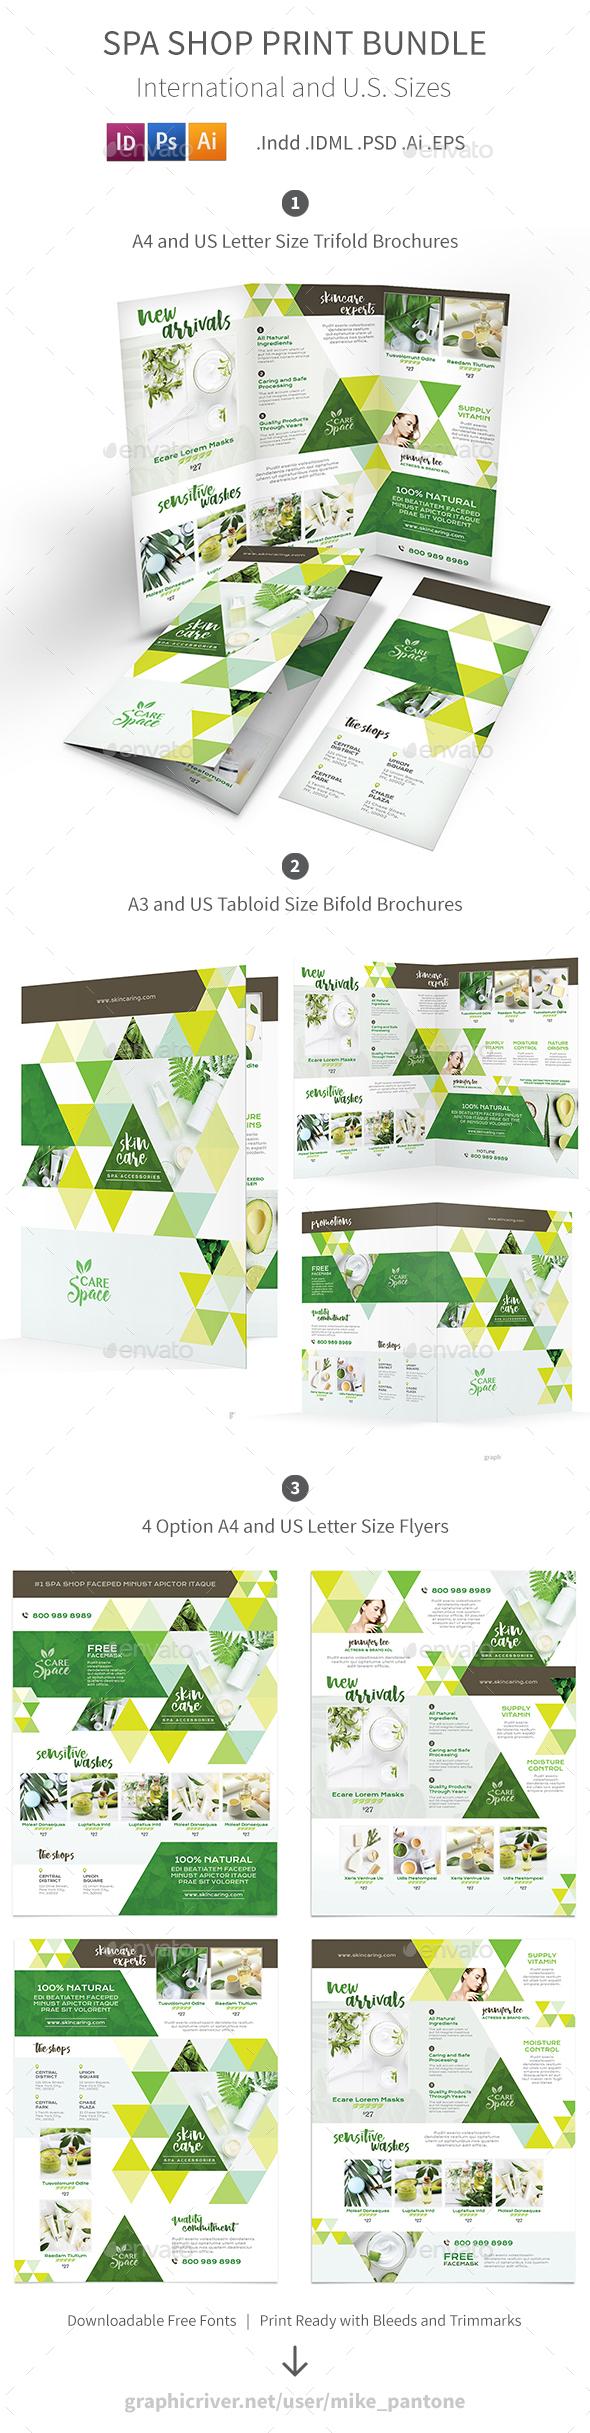 Spa Shop Print Bundle - Informational Brochures